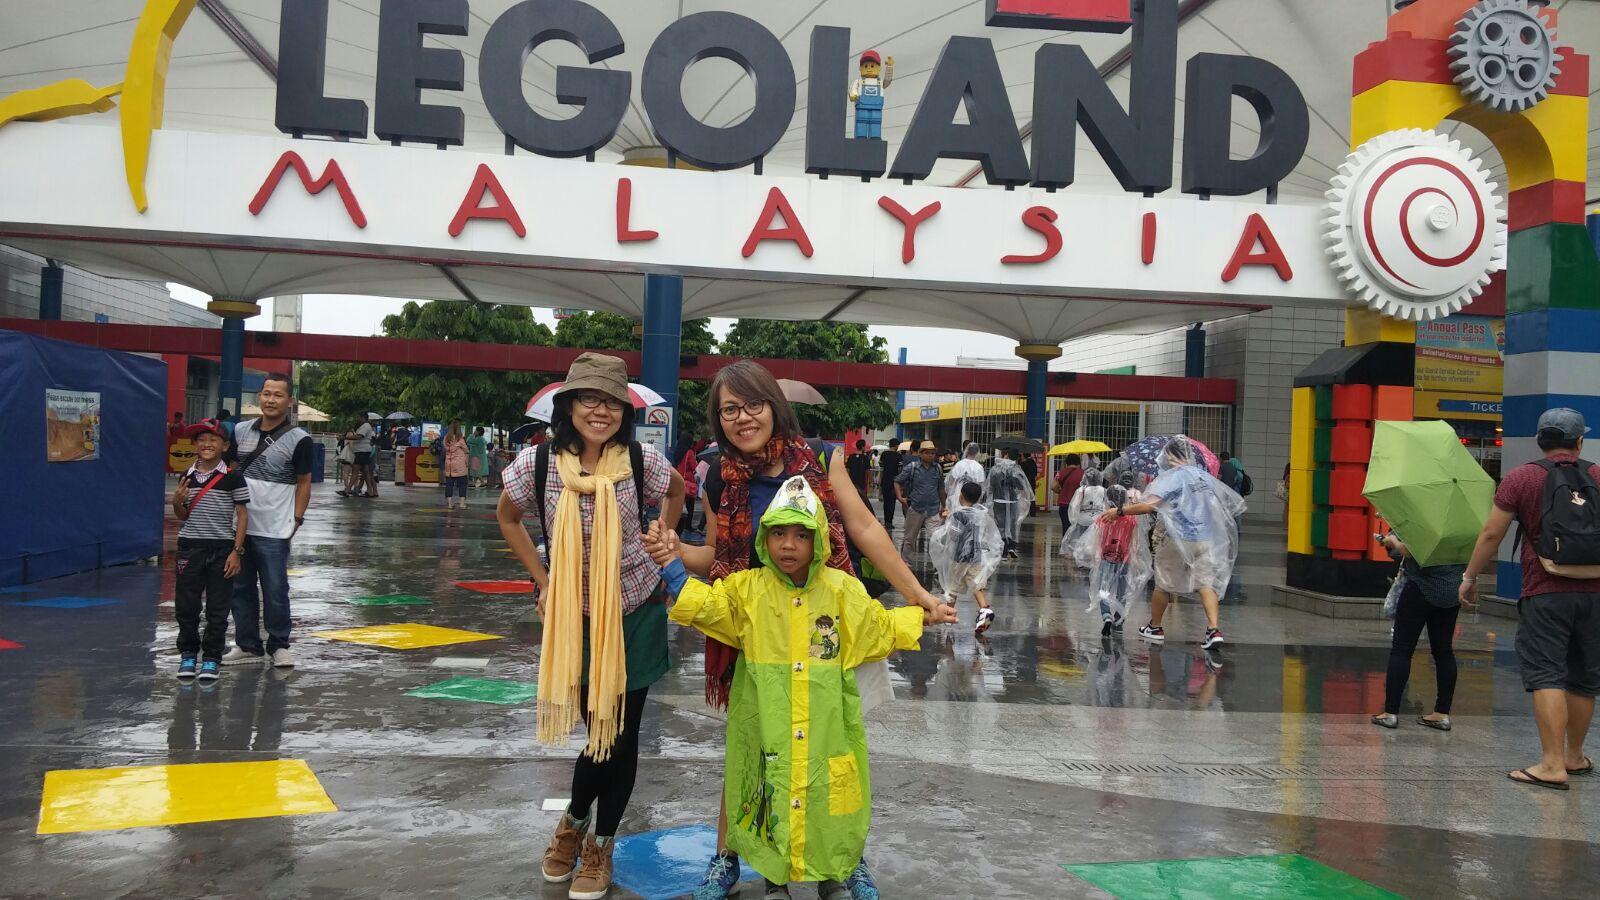 Kakiku Melangkah: Permainan di Legoland - Johor Bahru Malaysia